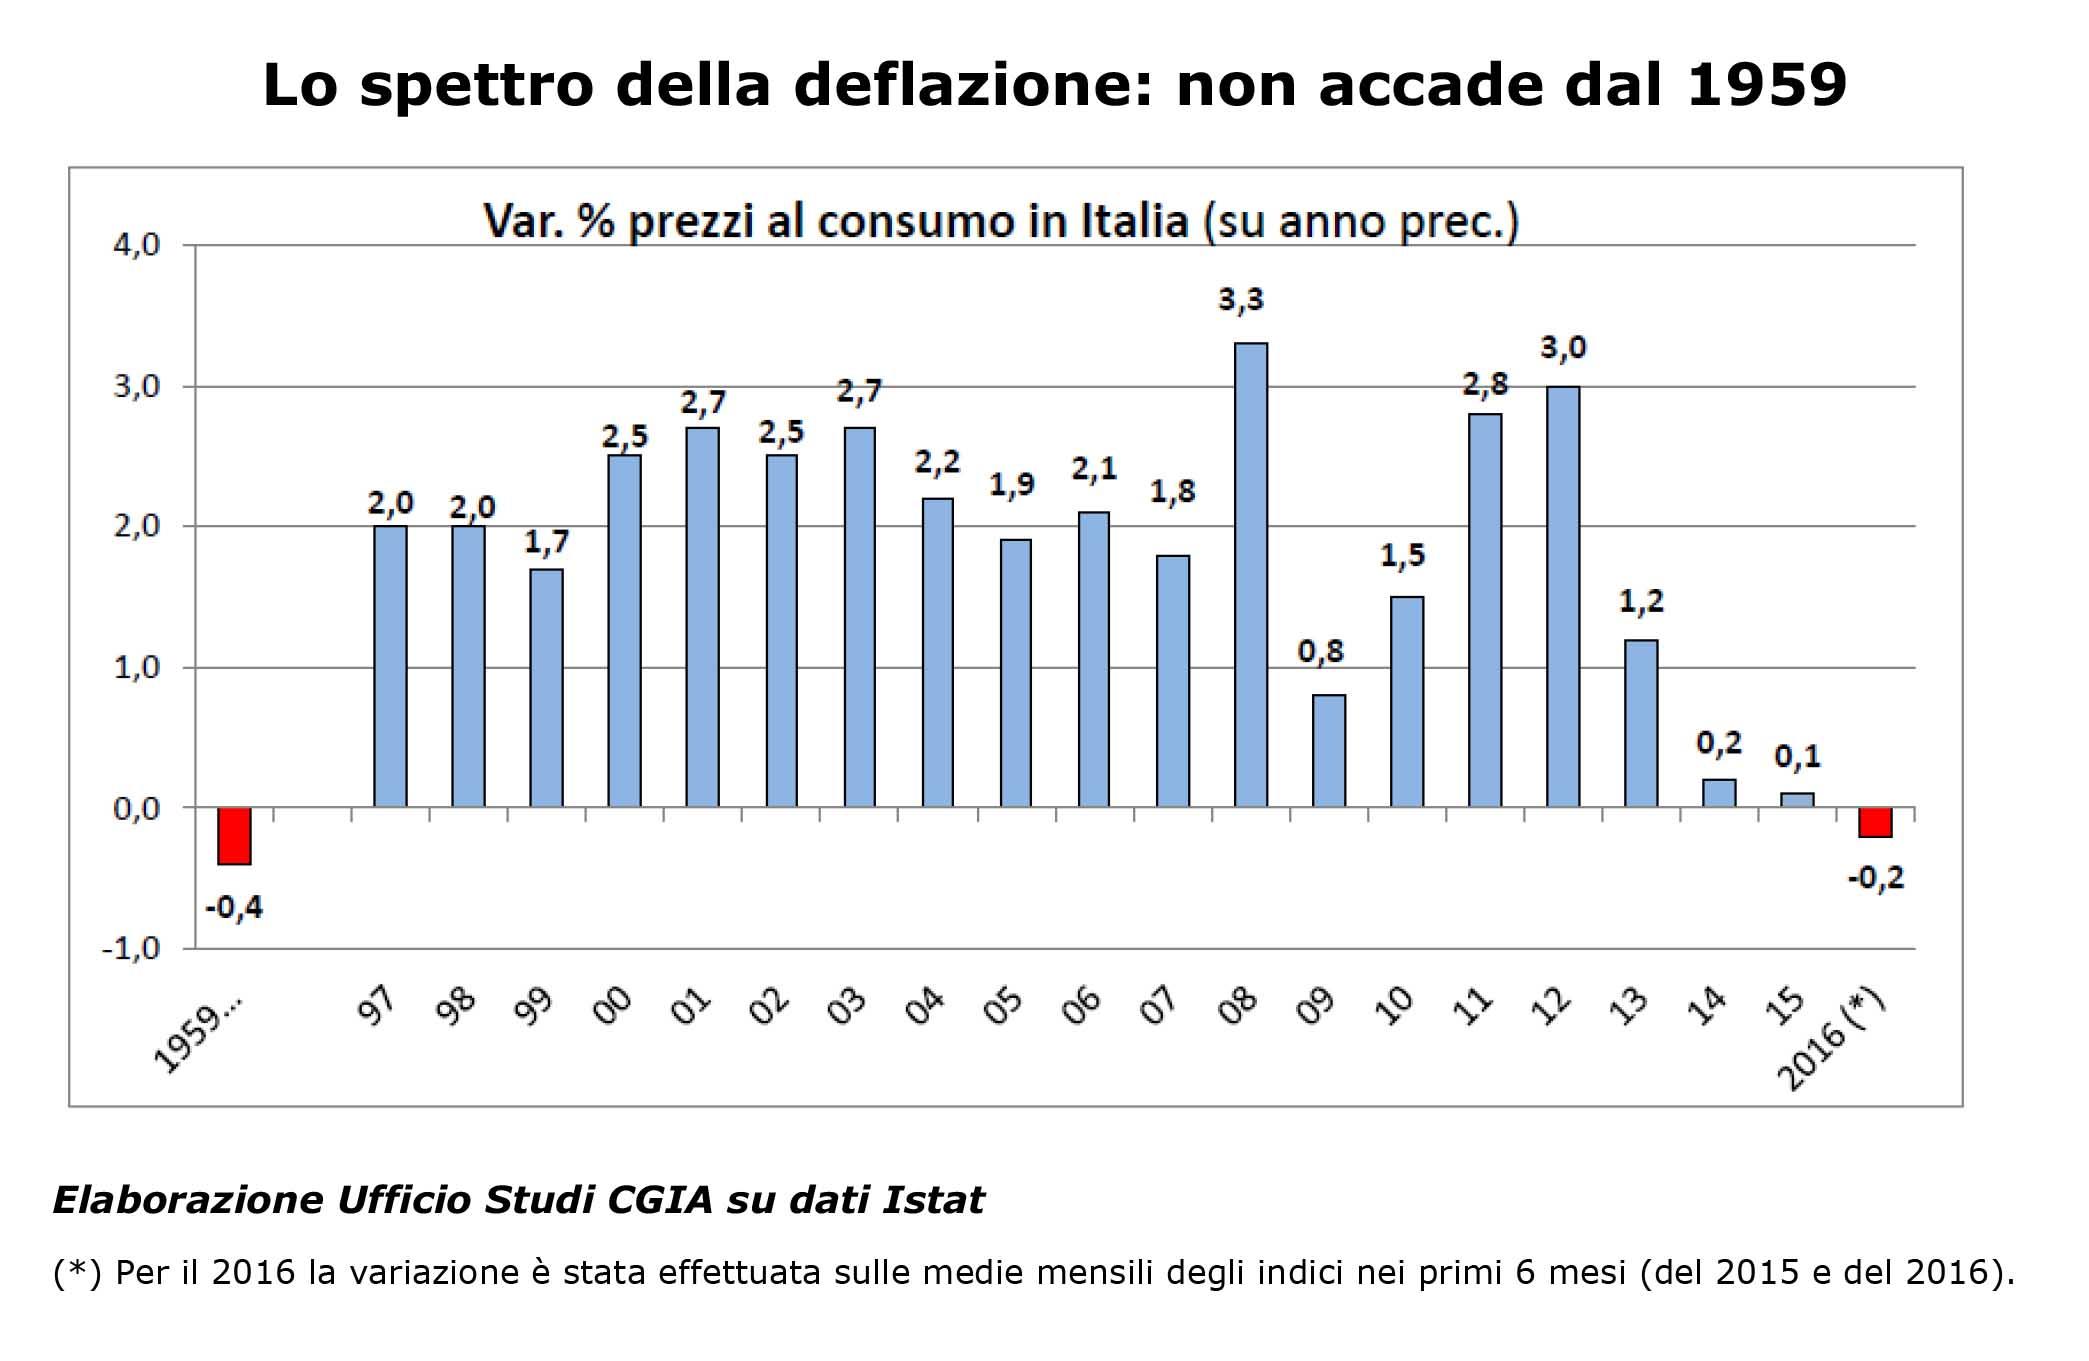 cgia spettro inflazione